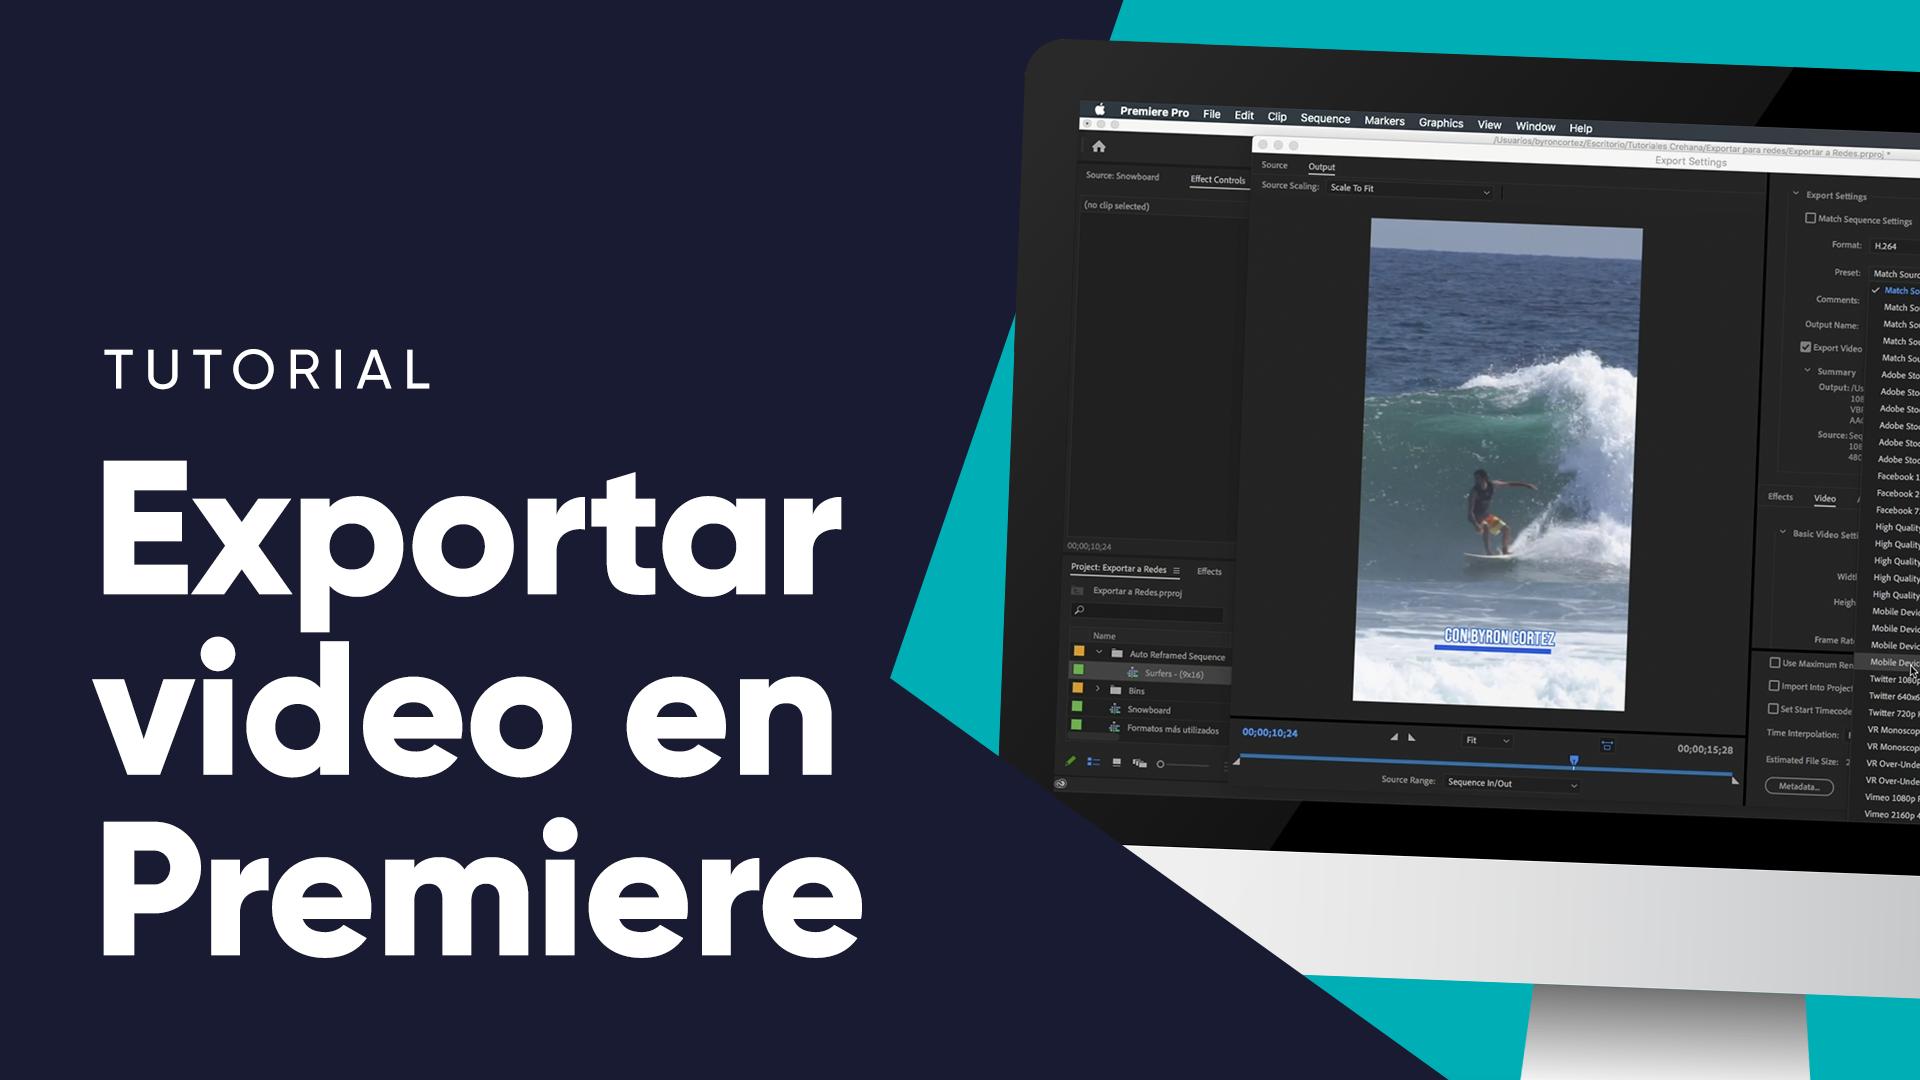 ¡Aprende cómo exportar un video en Premiere con solo cuatro pasos!